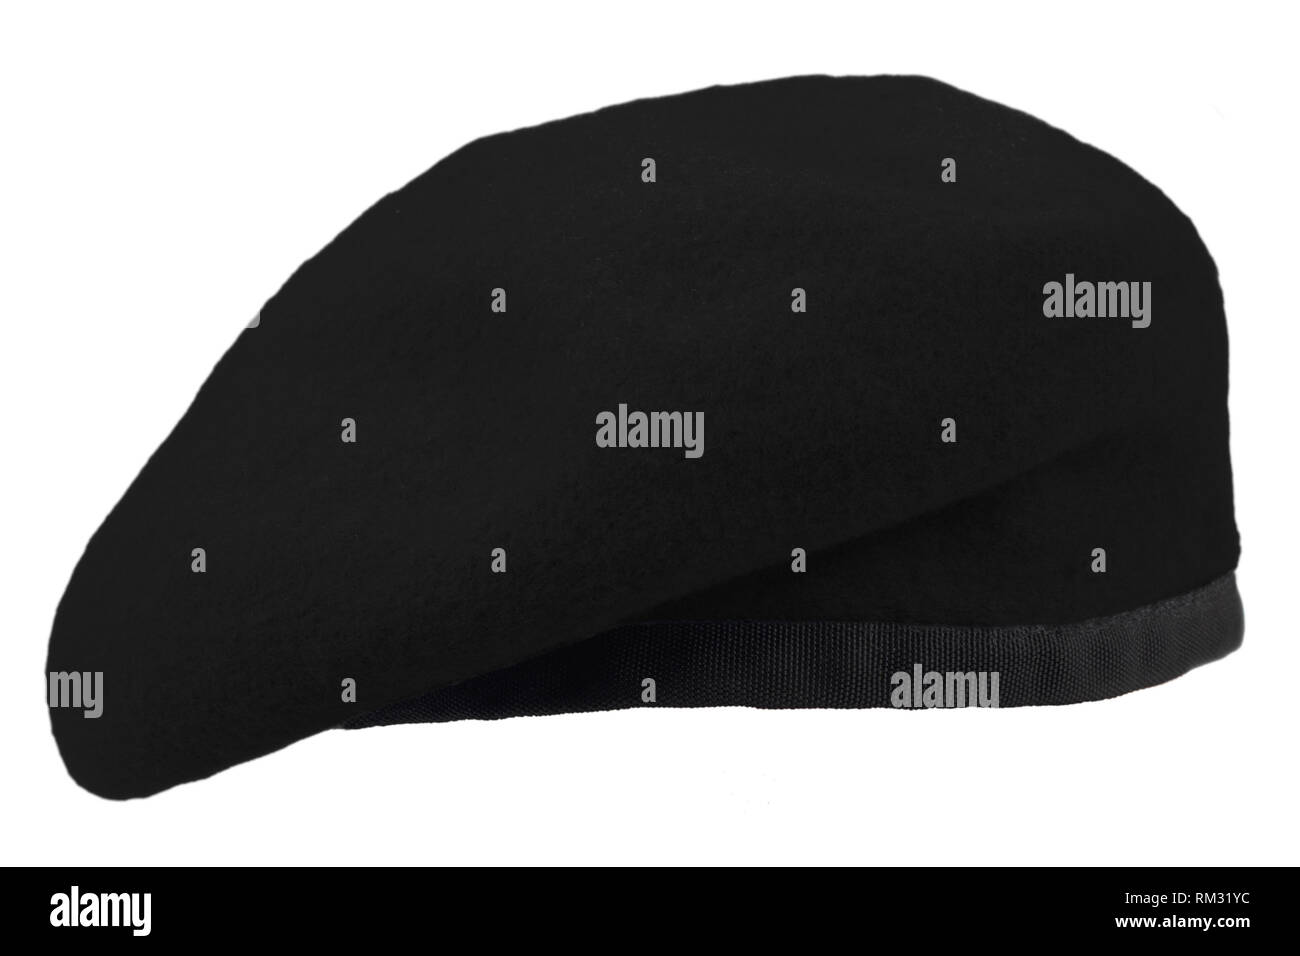 edda3f2210982 Army uniform black beret isolated on white background - Stock Image